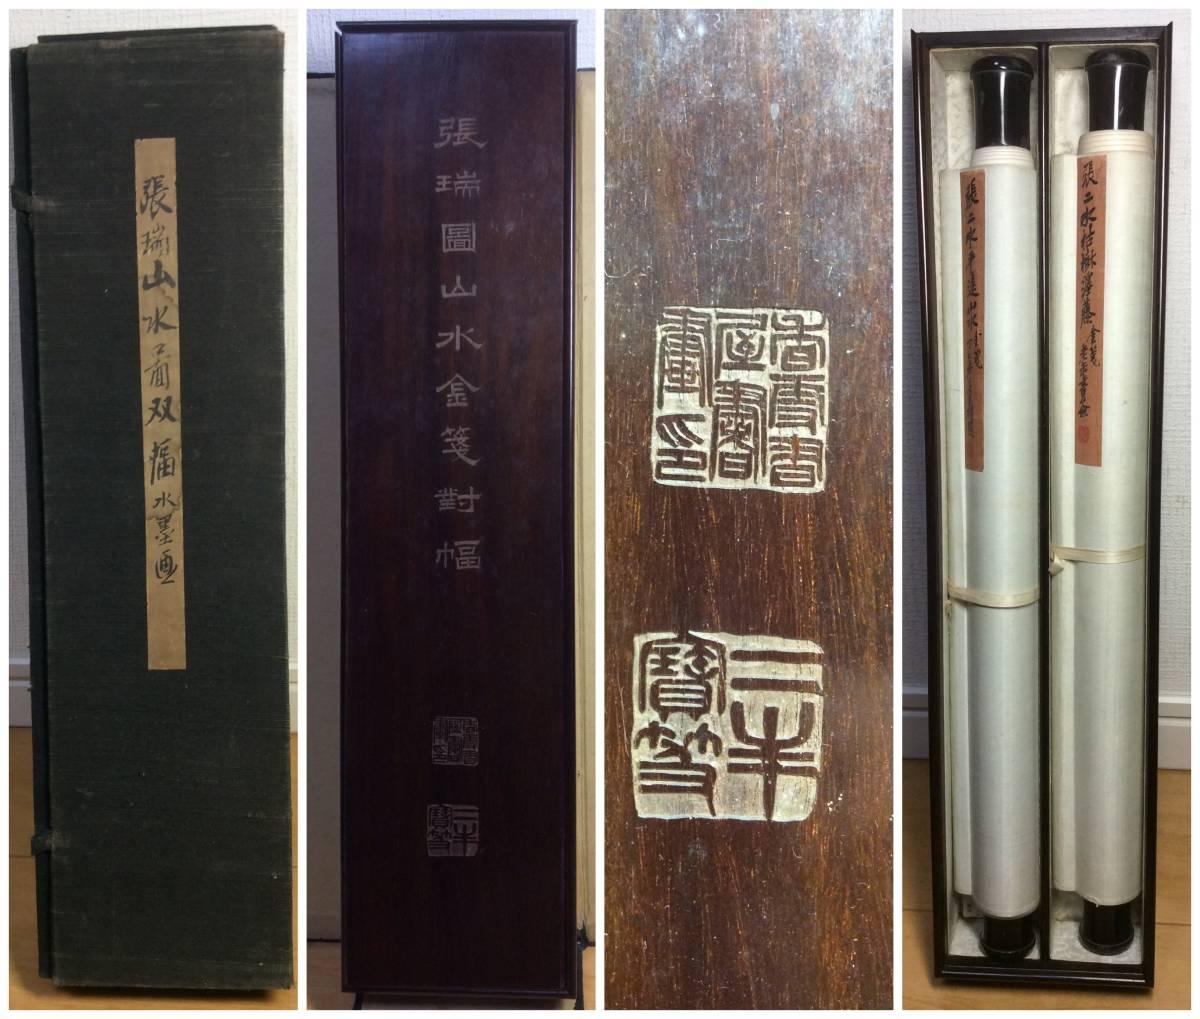 明末の文人画家 張端図 山水金箋對幅 刻印 紙本 中国 水墨画 掛軸 共箱 詳細不明